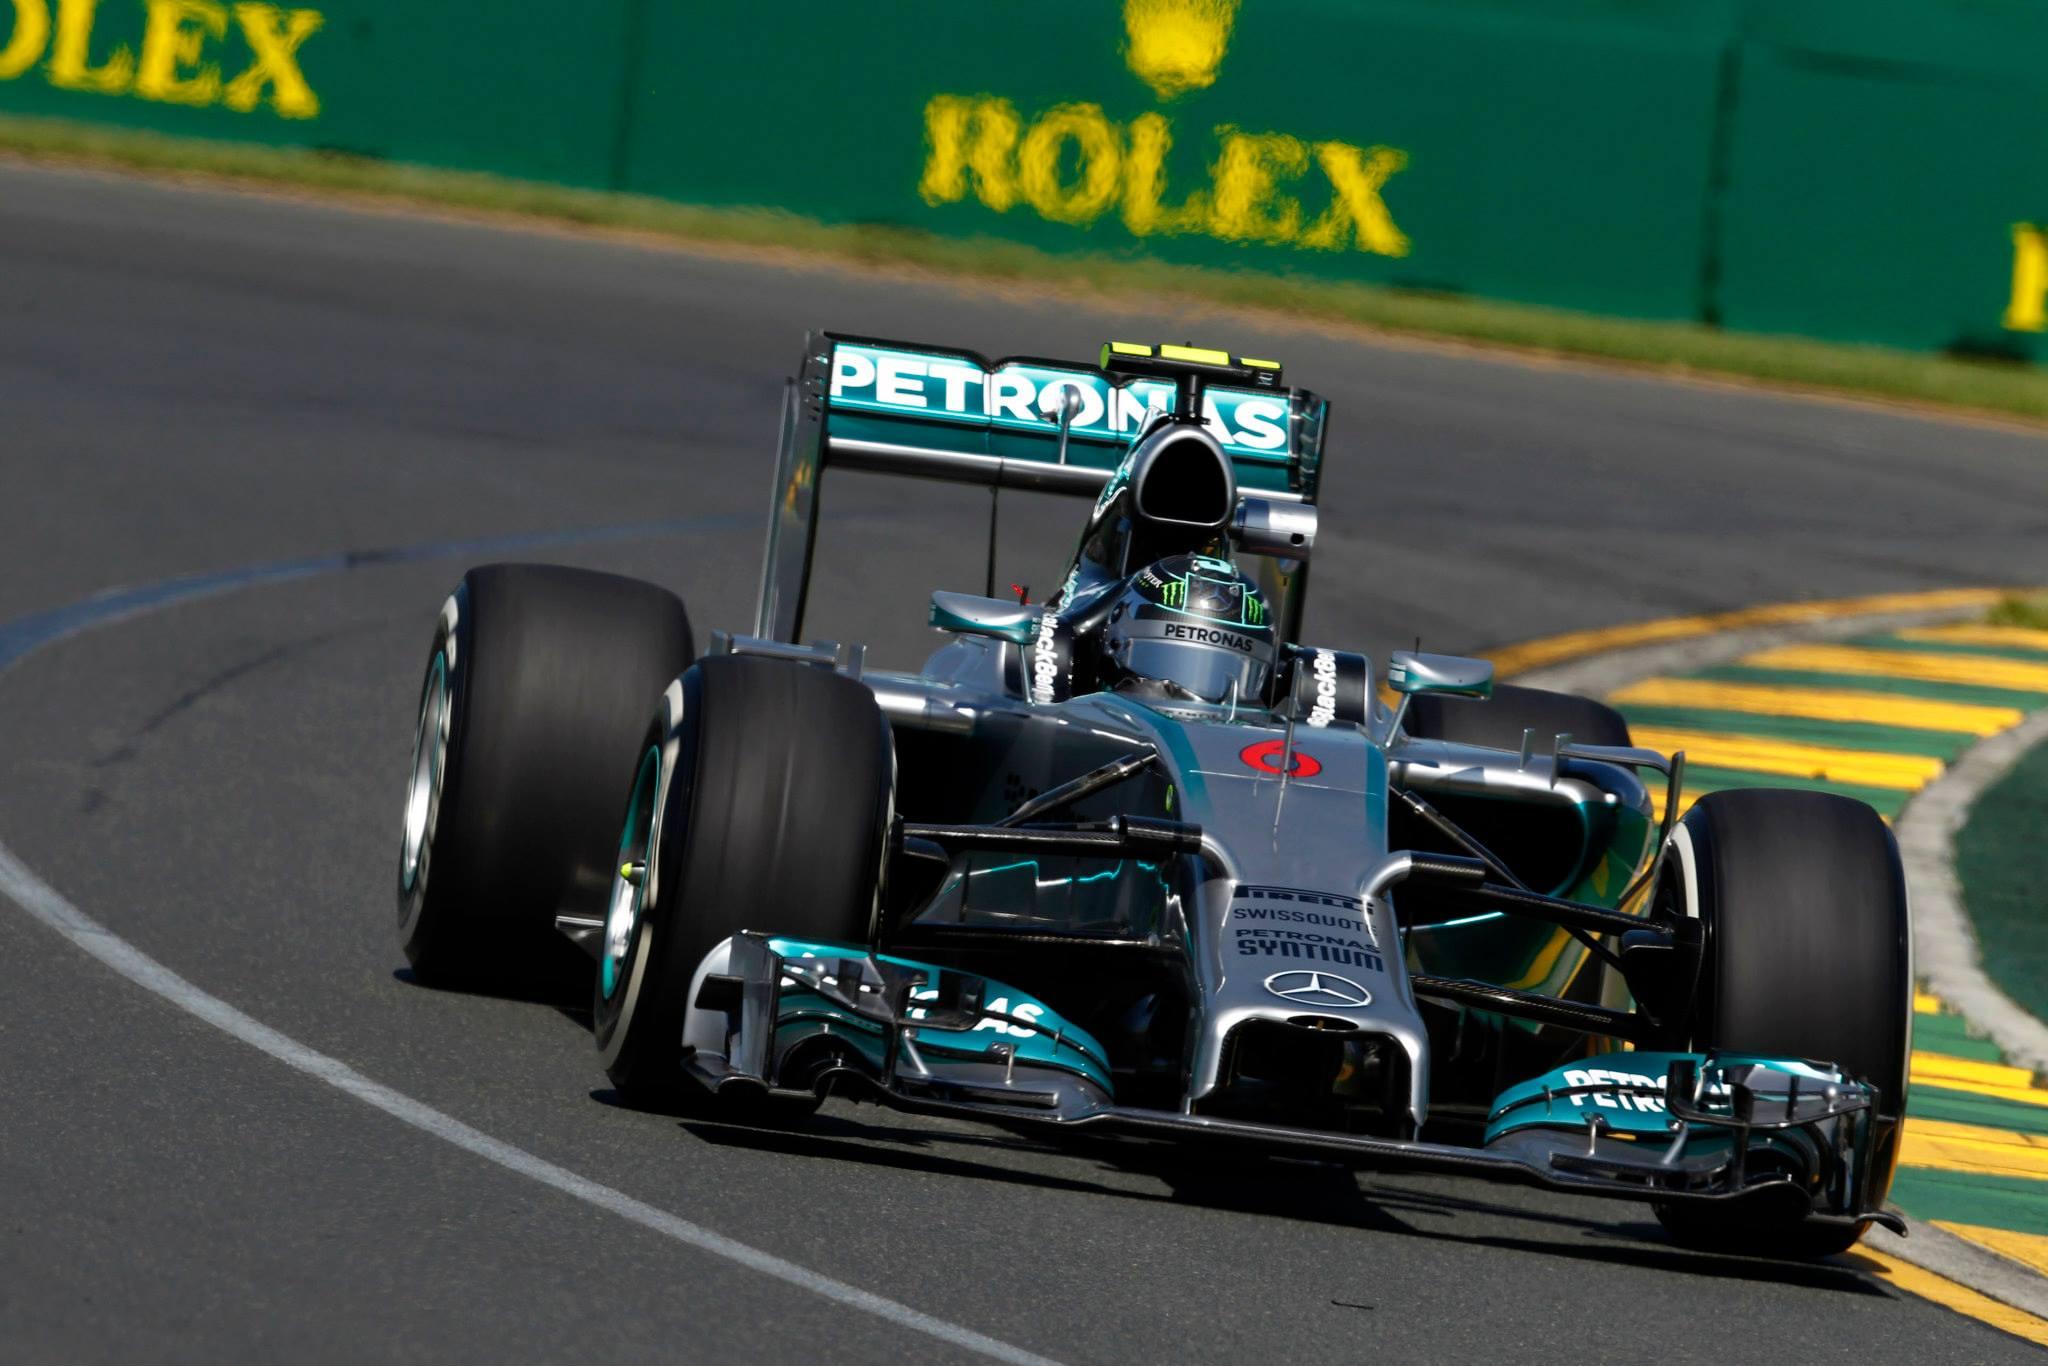 Sumákolt a Mercedes? 900 lóerős lehet az új F1-es V6-os turbó